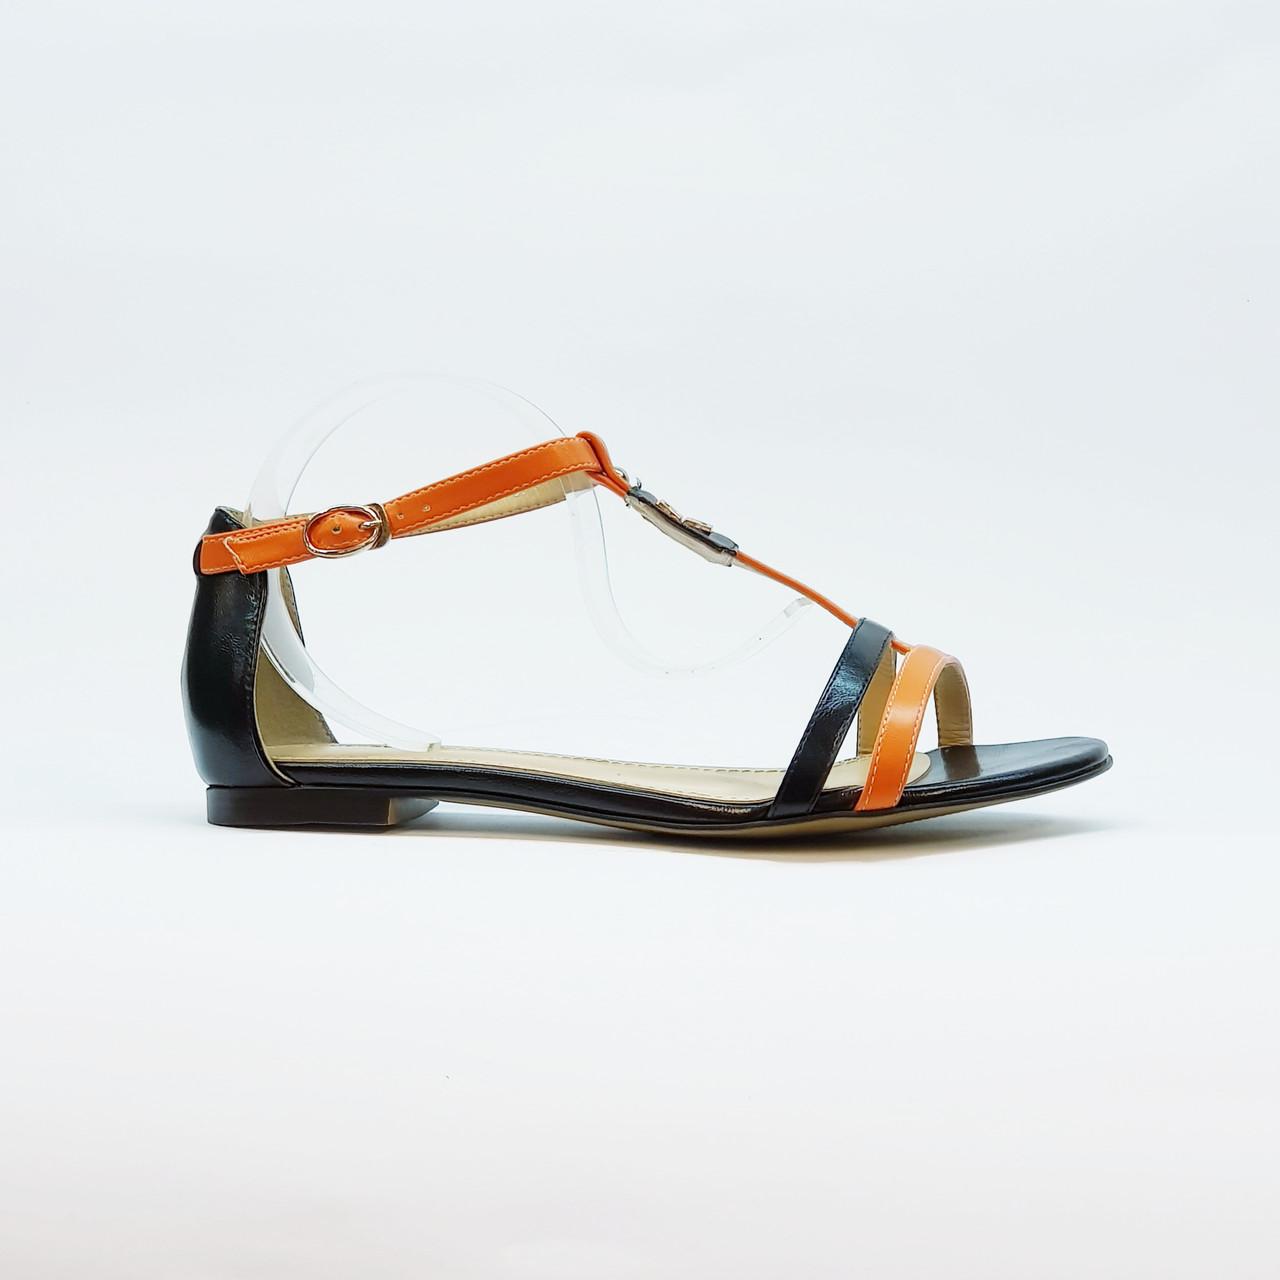 Босоножки женские искусственная кожа низкий каблук оранжевые